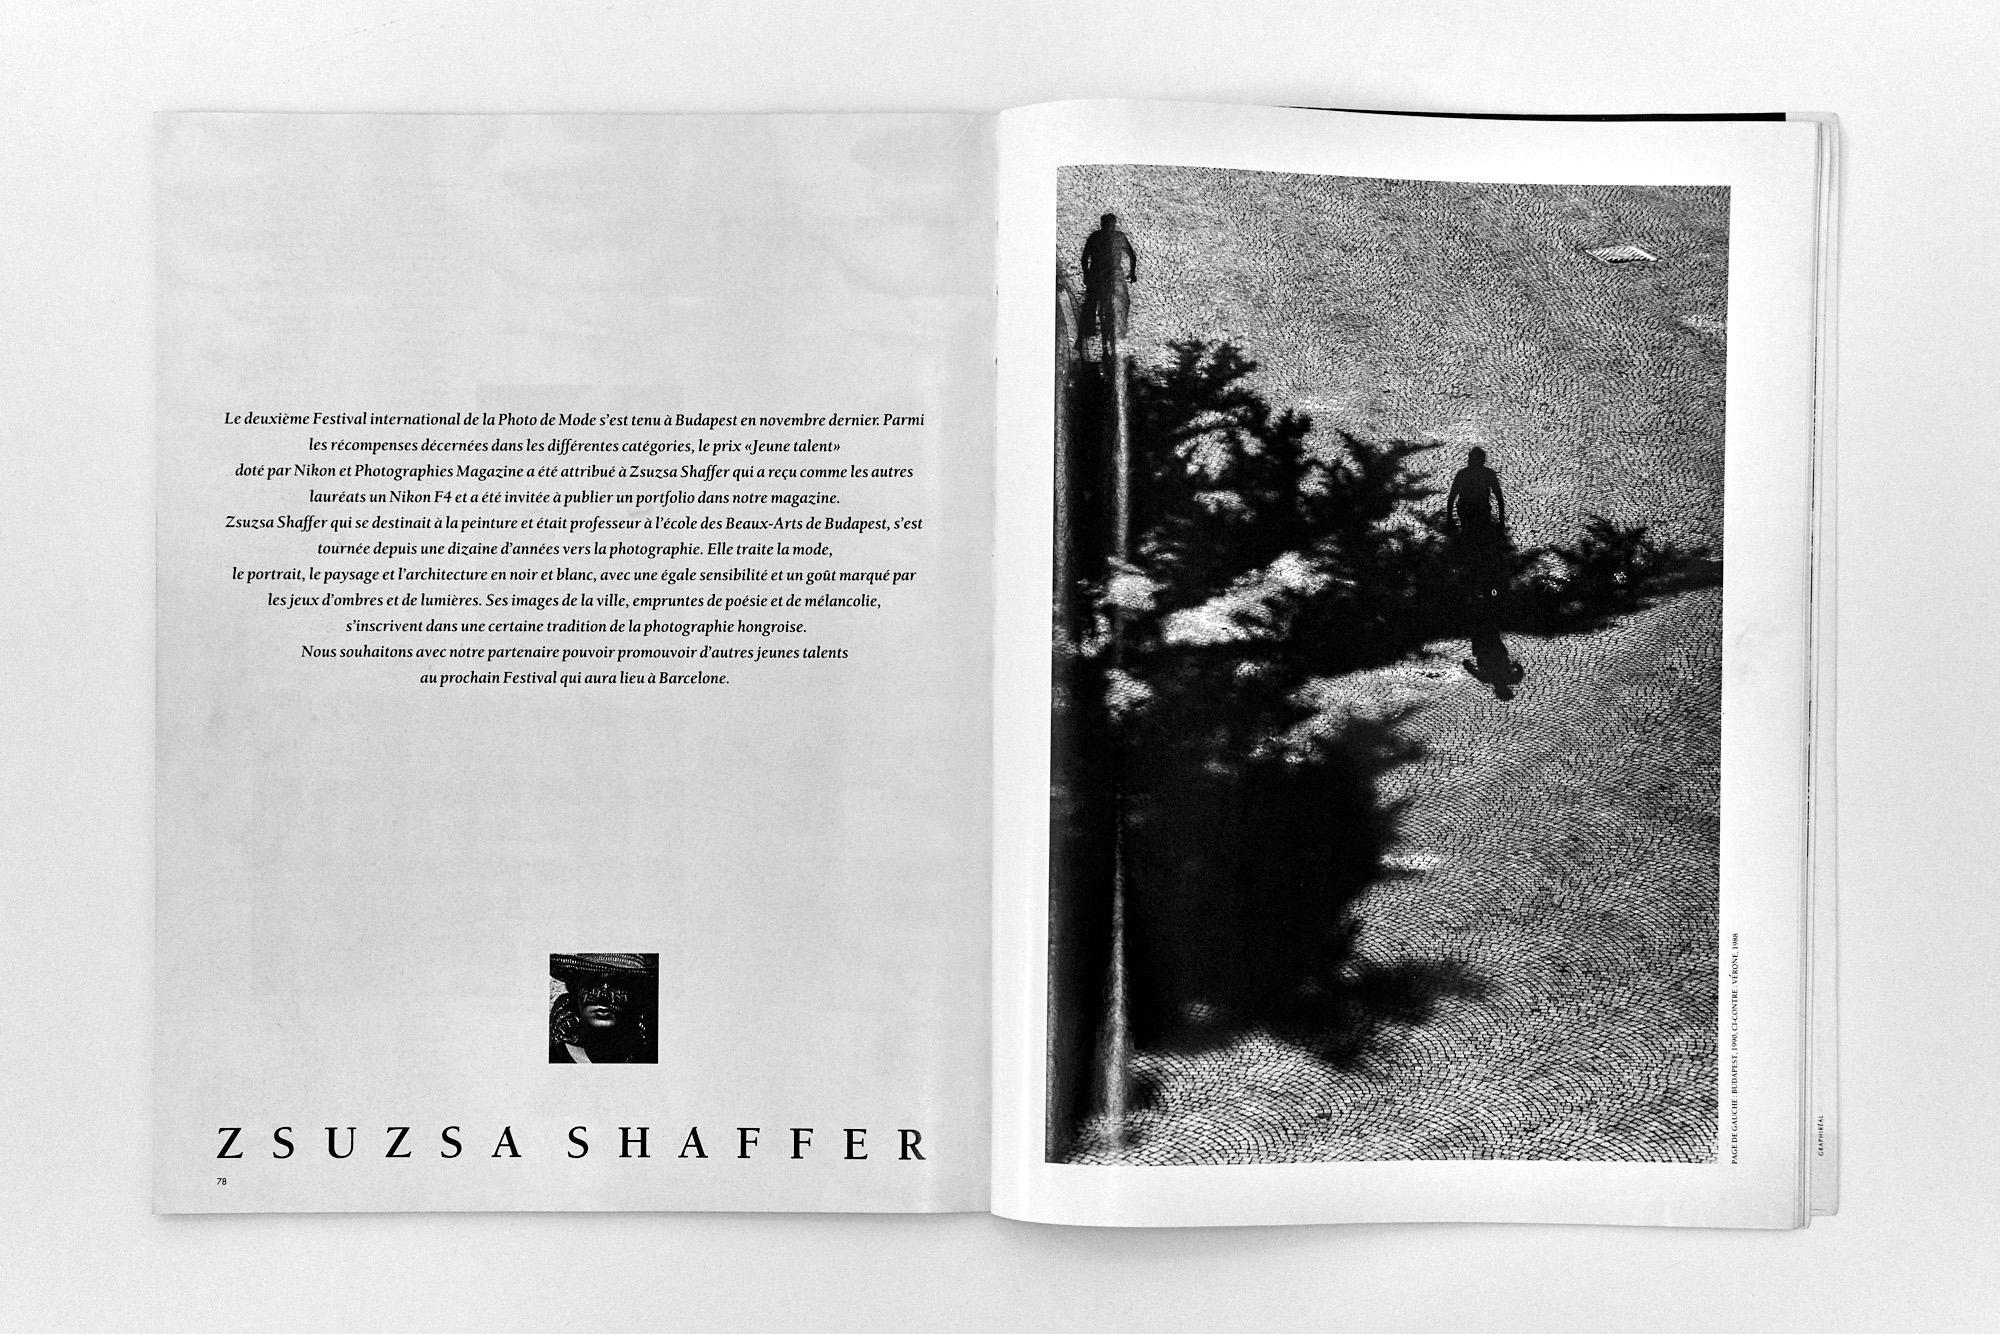 Fotó: A II. Nemzetközi Divatfotófesztiválról szóló cikk a Photographies magazine 1991/03. számában